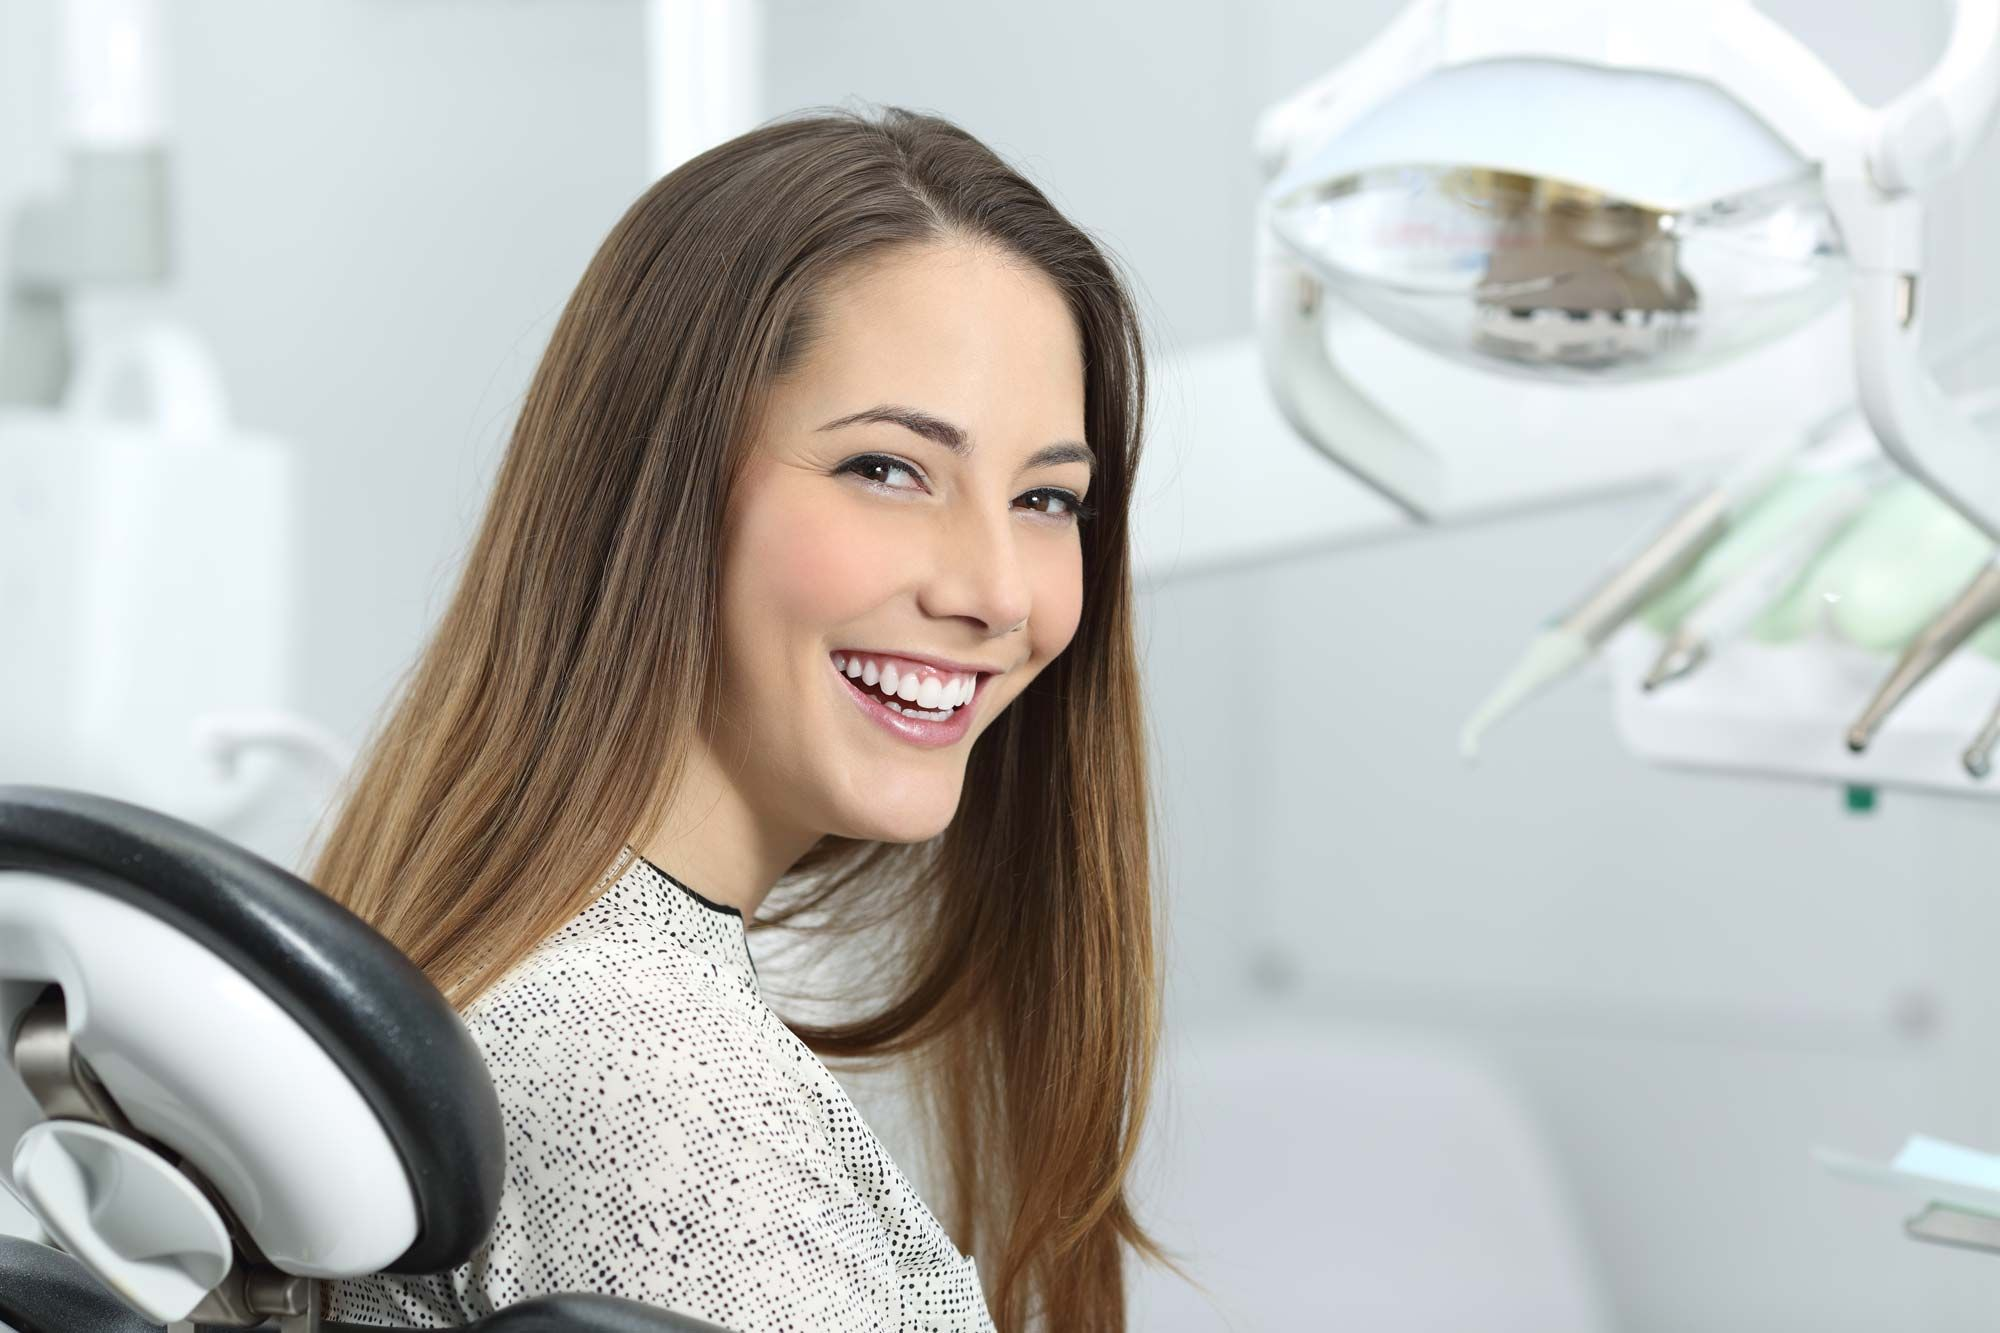 Riesgos del blanqueamiento dental - efectos secundarios